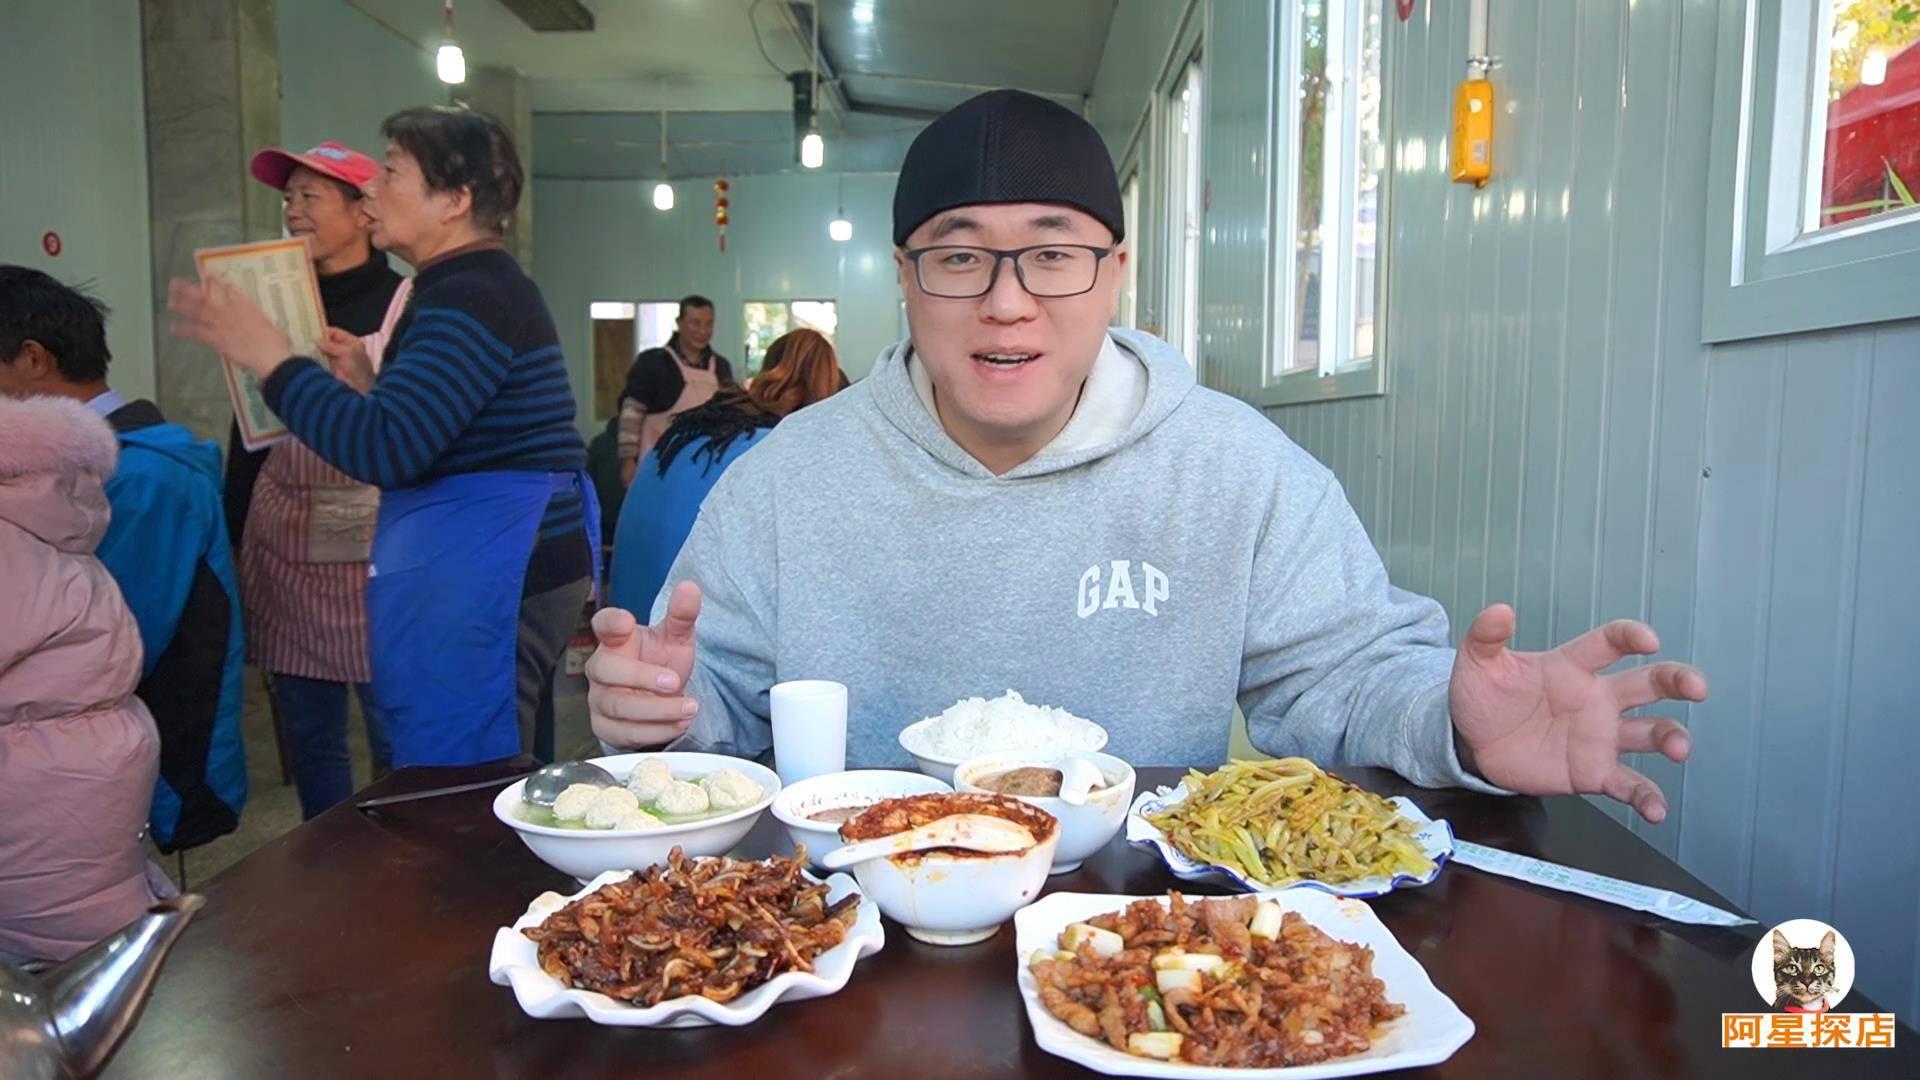 【阿星探店】昆明滇菜小馆子,95年营业至今,家常炒菜美味实惠,都是回头客